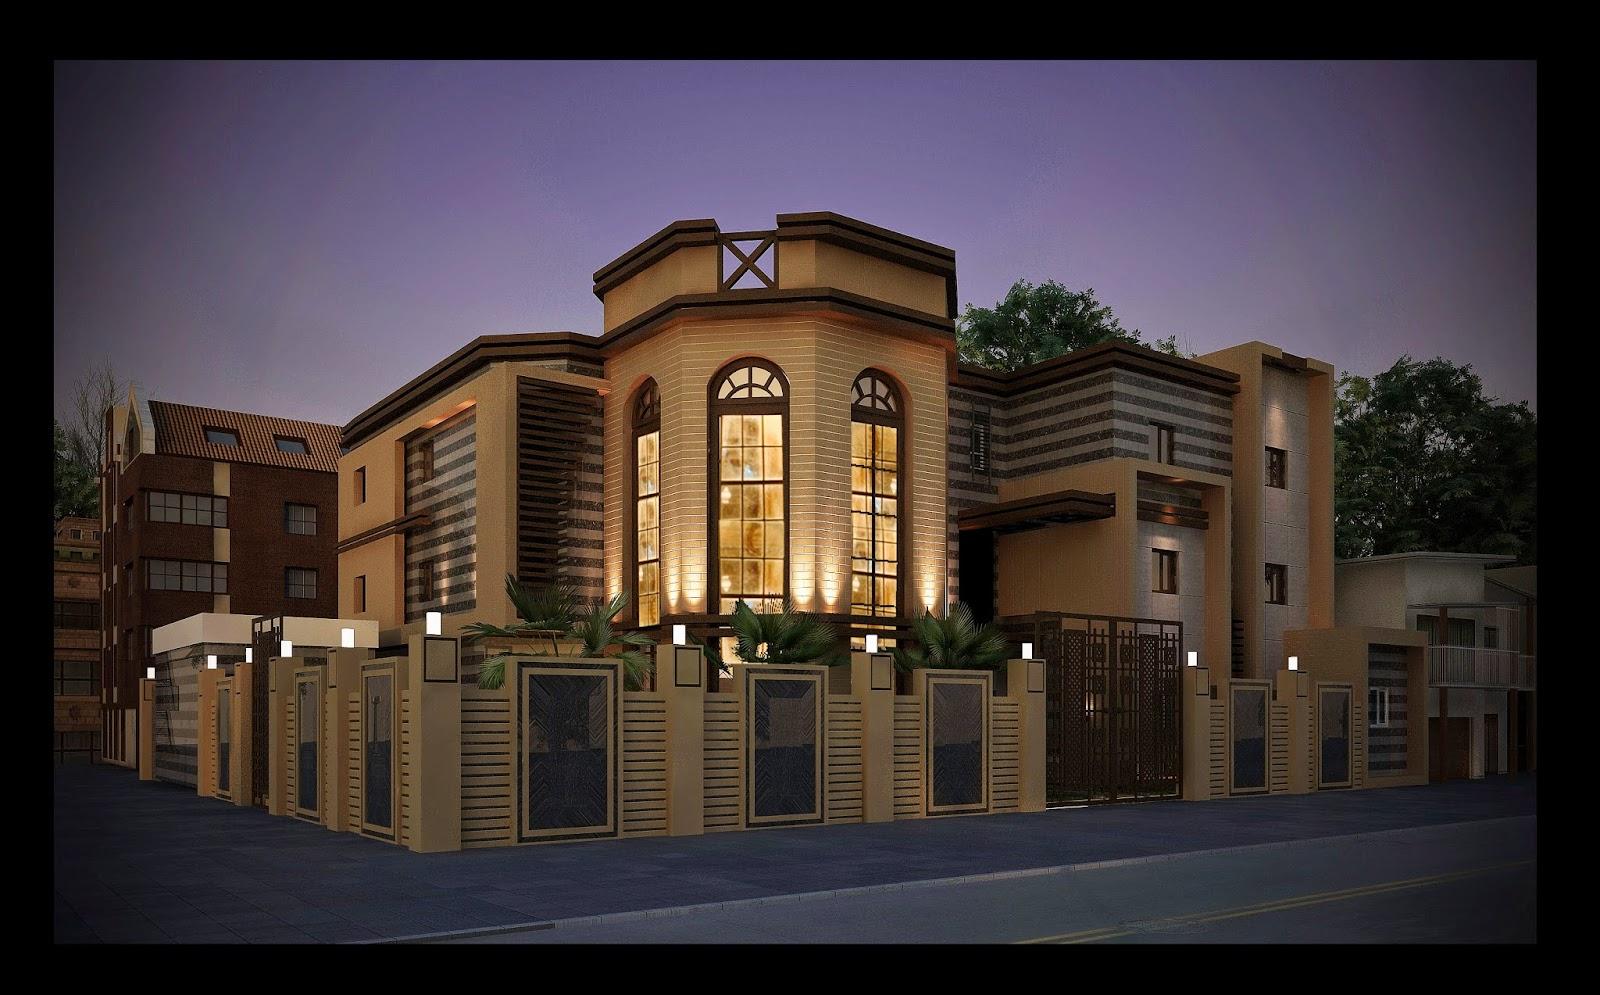 18 Facade Villa Moderne R 2 Aulnay Sous Bois Design